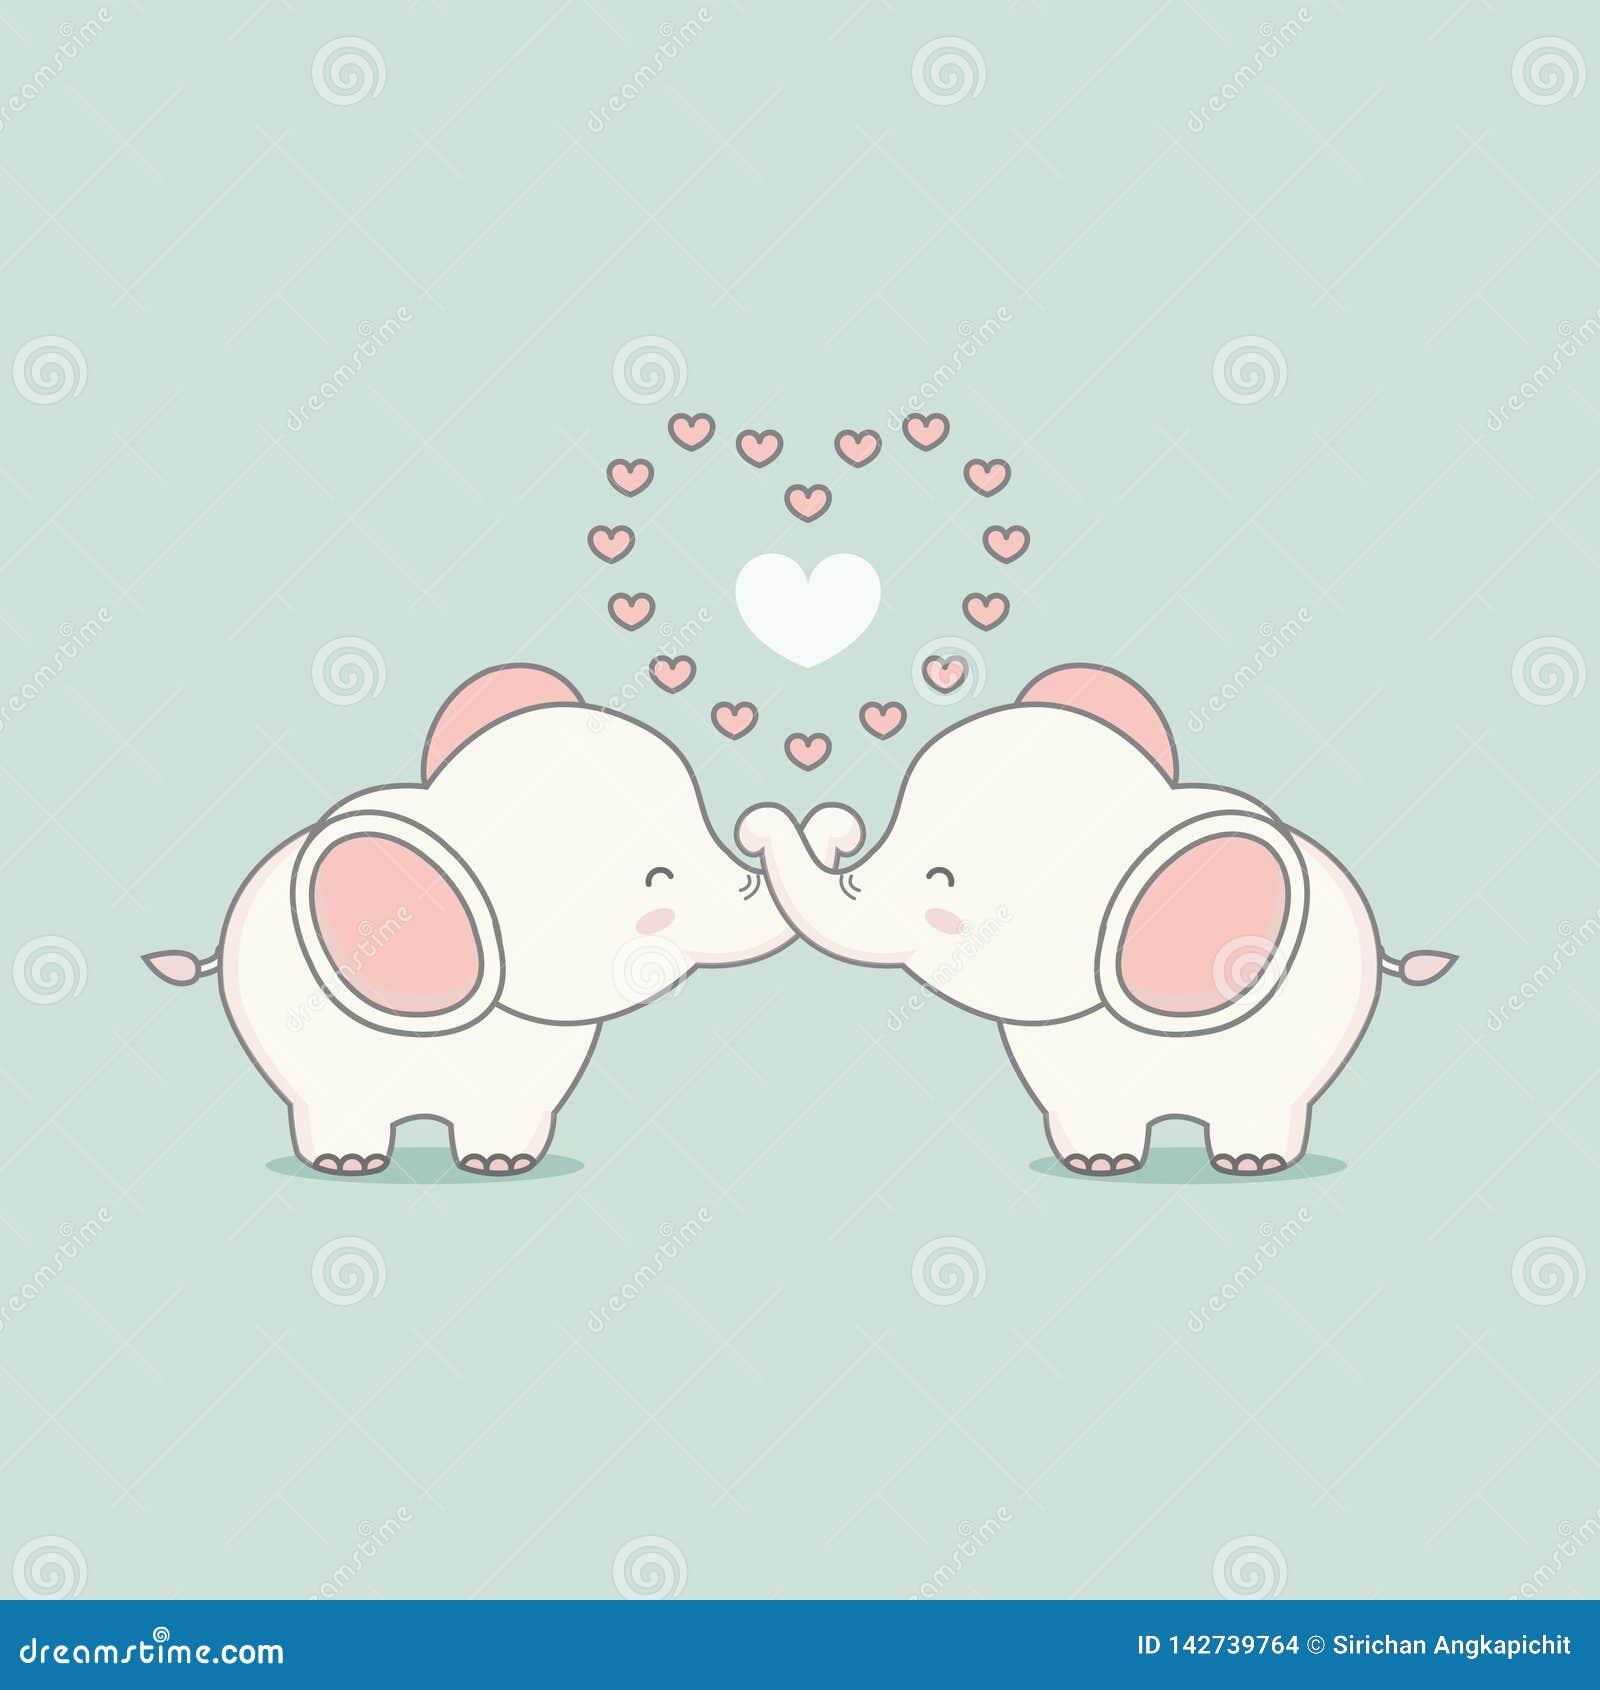 Χαριτωμένος ρόδινος ελέφαντας ερωτευμένος με τις καρδιές διαθέσιμο διάνυσμα βαλεντίνων αρχείων ημέρας καρτών